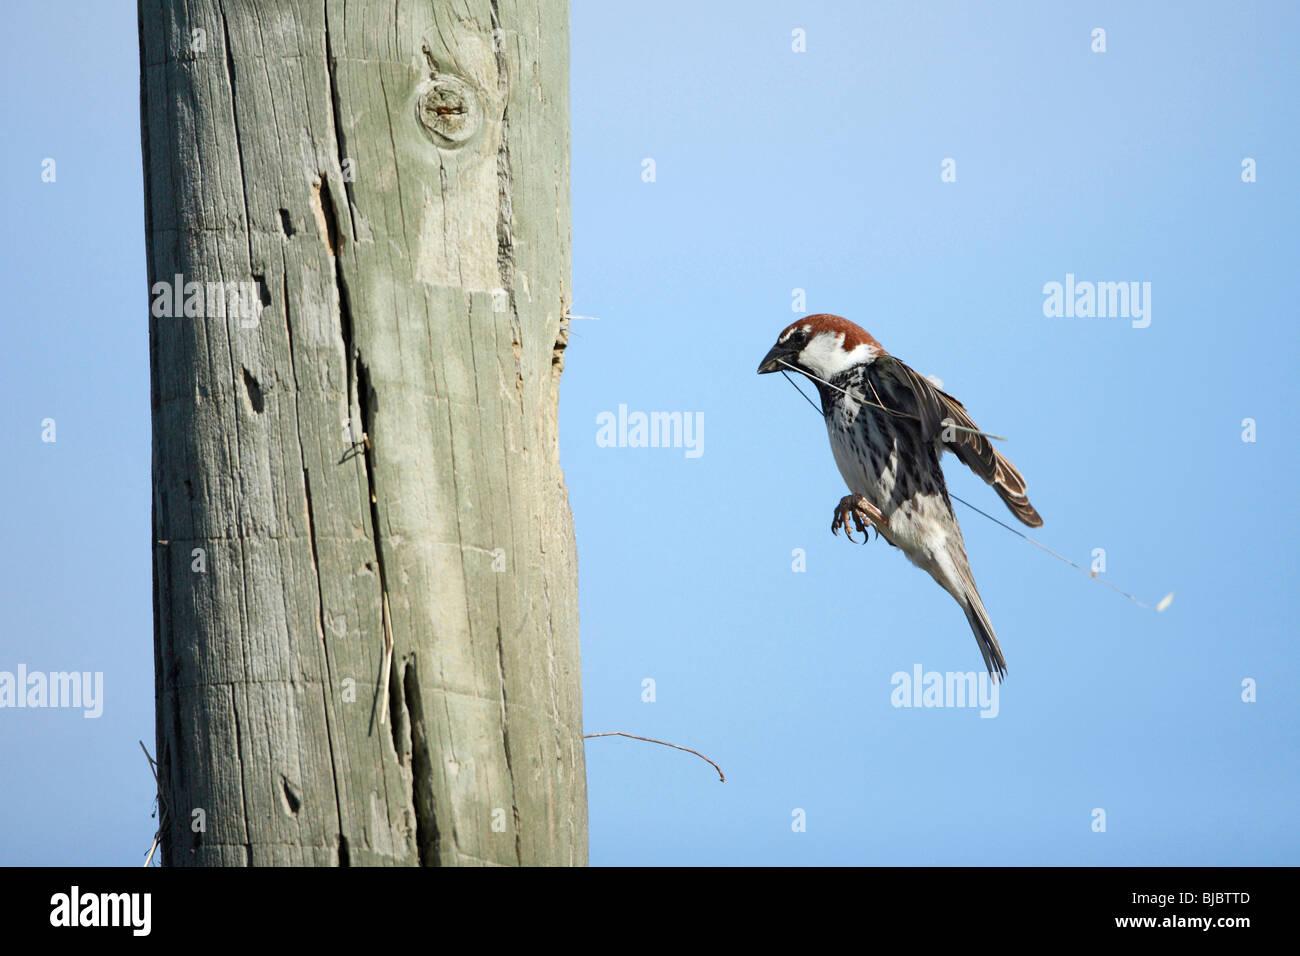 Passera sarda (Passer hispaniolensis), maschio in atterraggio a nido con materiale di nido, Portogallo Immagini Stock